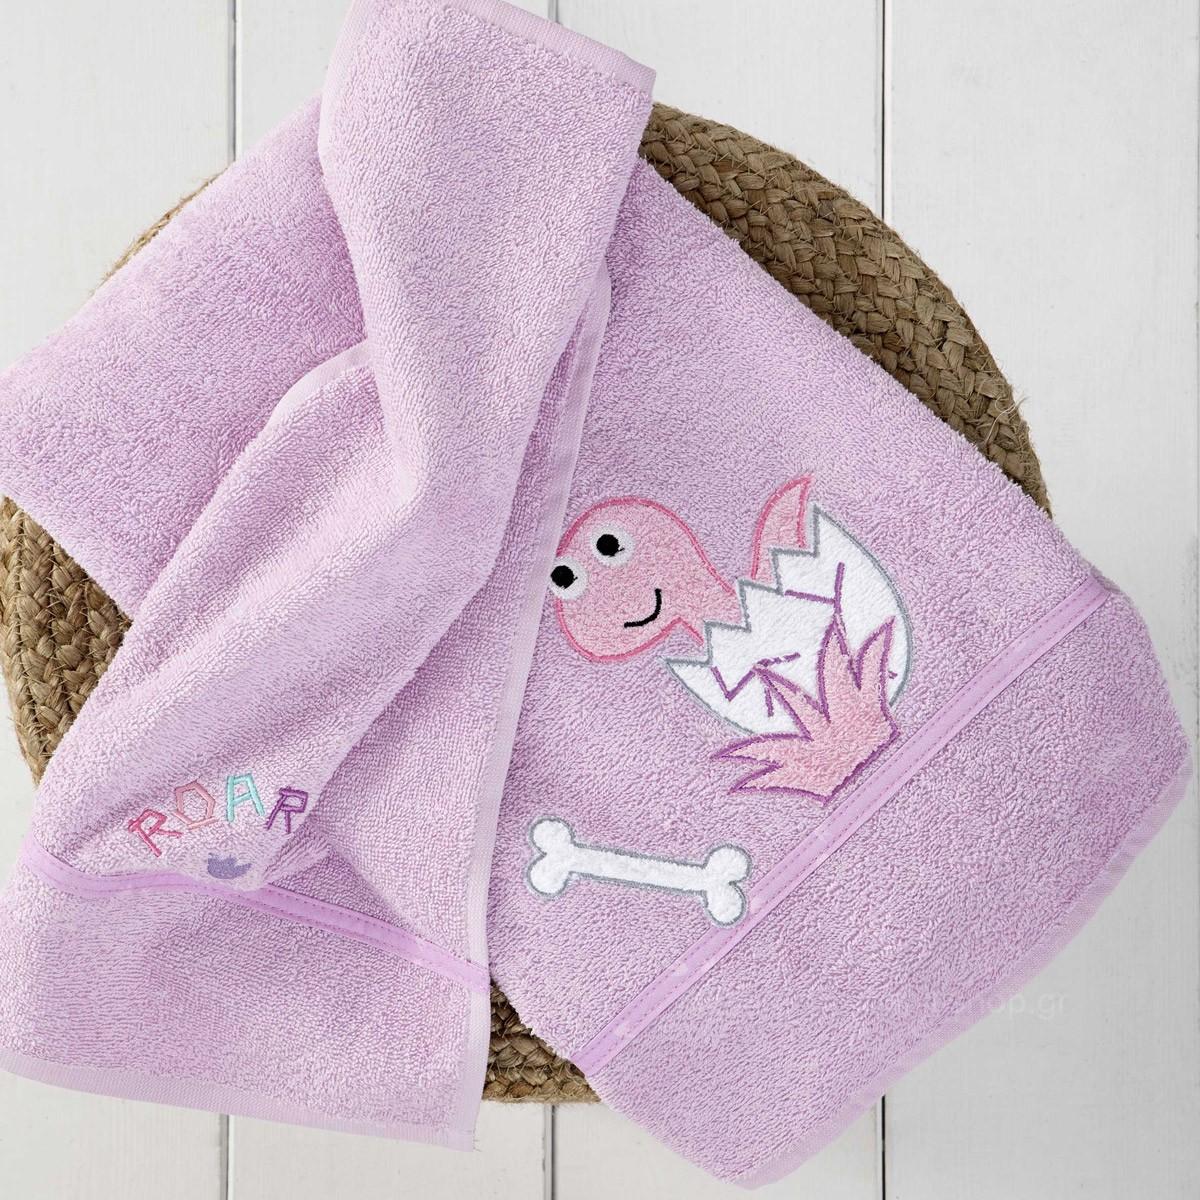 Βρεφικές Πετσέτες (Σετ 2τμχ) Nima Baby Roar Lilac